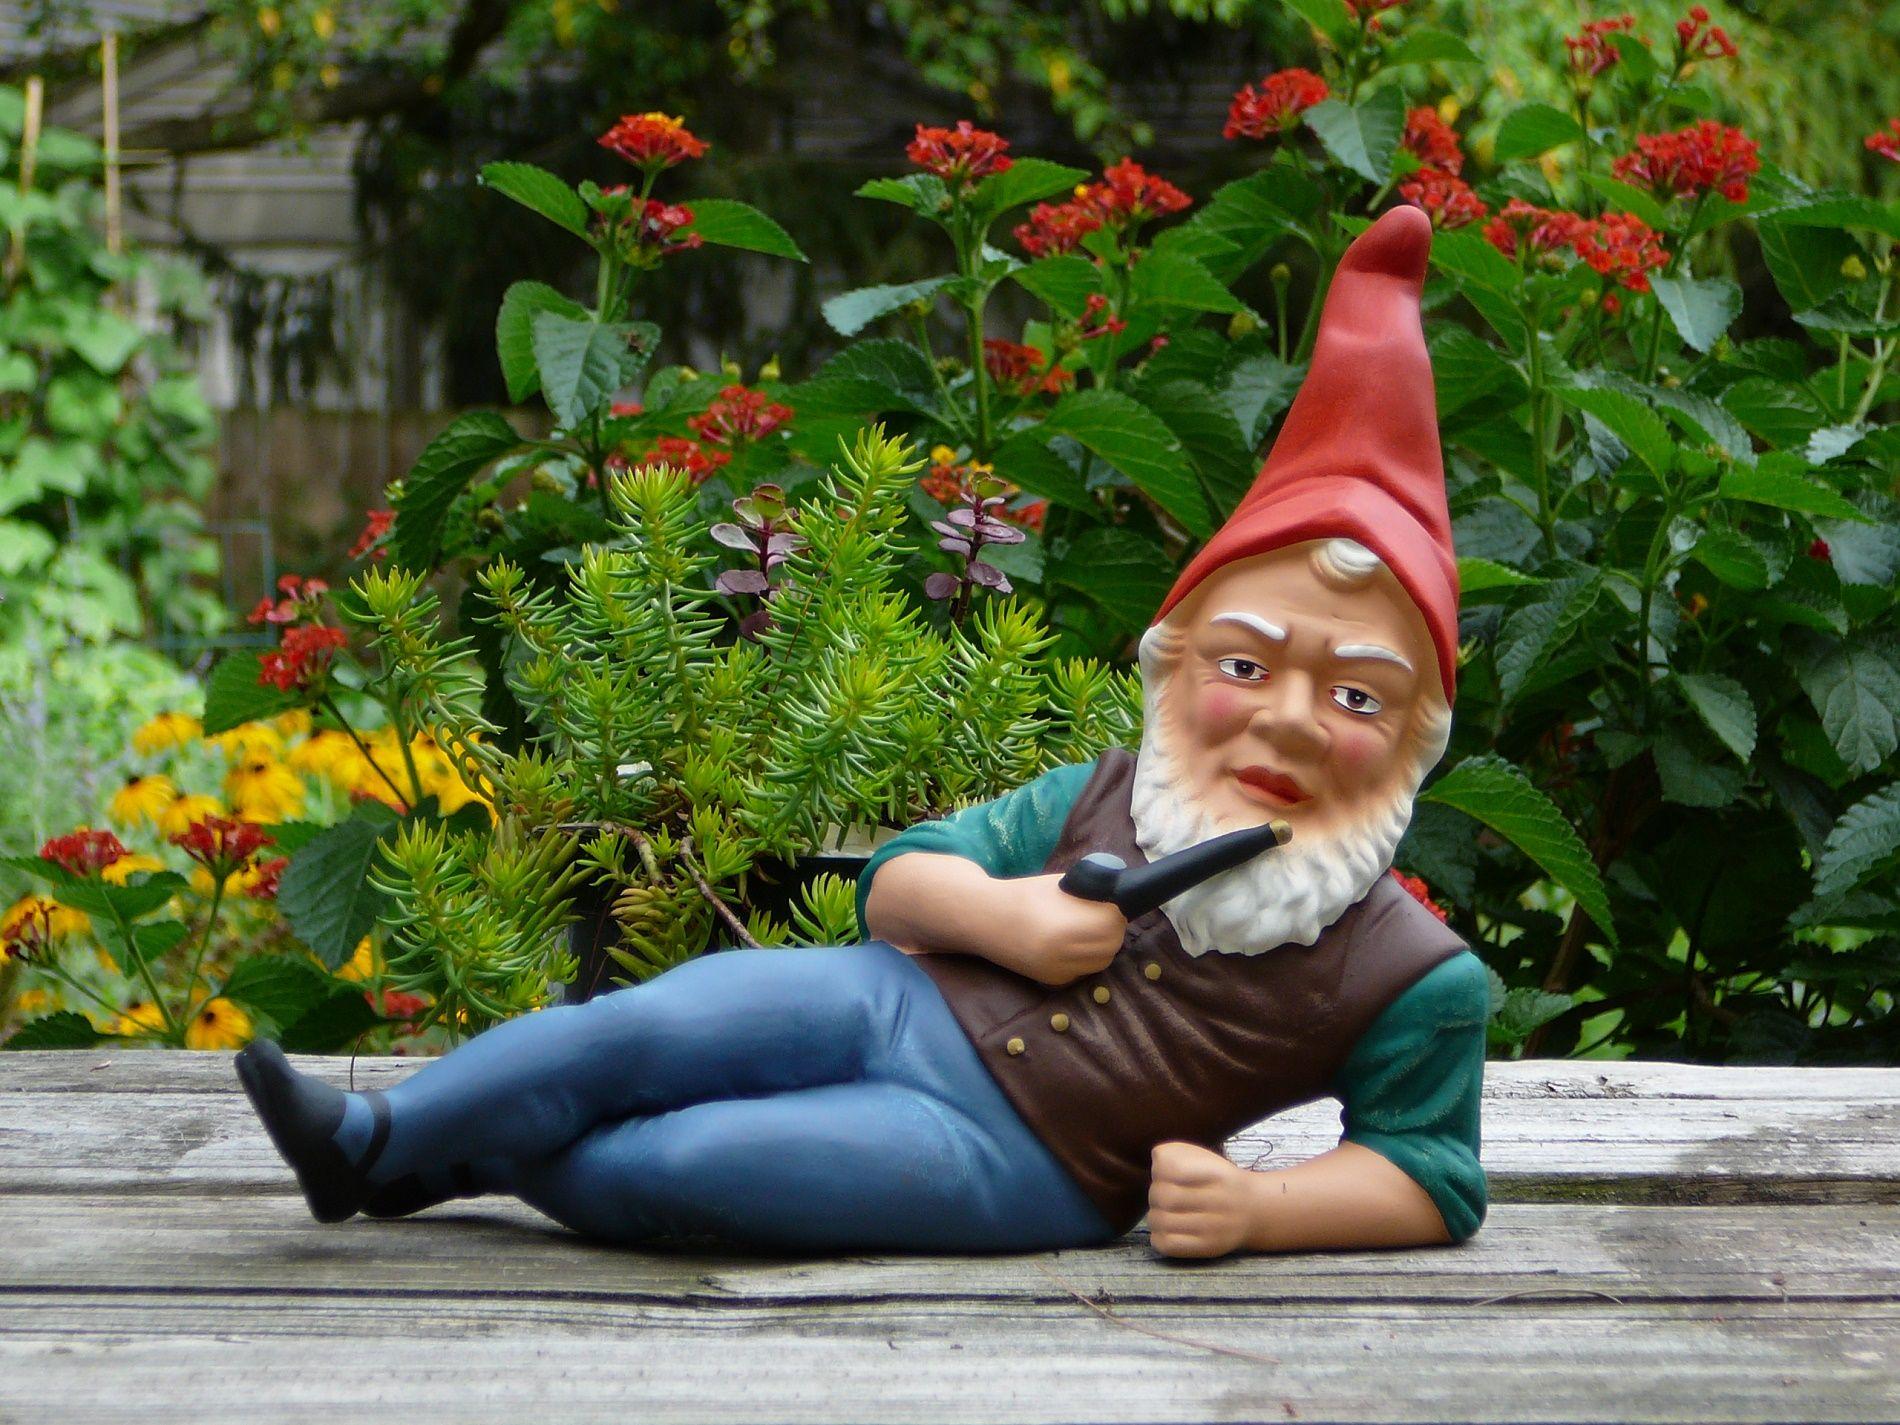 Da dove nasce l'abitudine di mettere dei nani nei giardini?